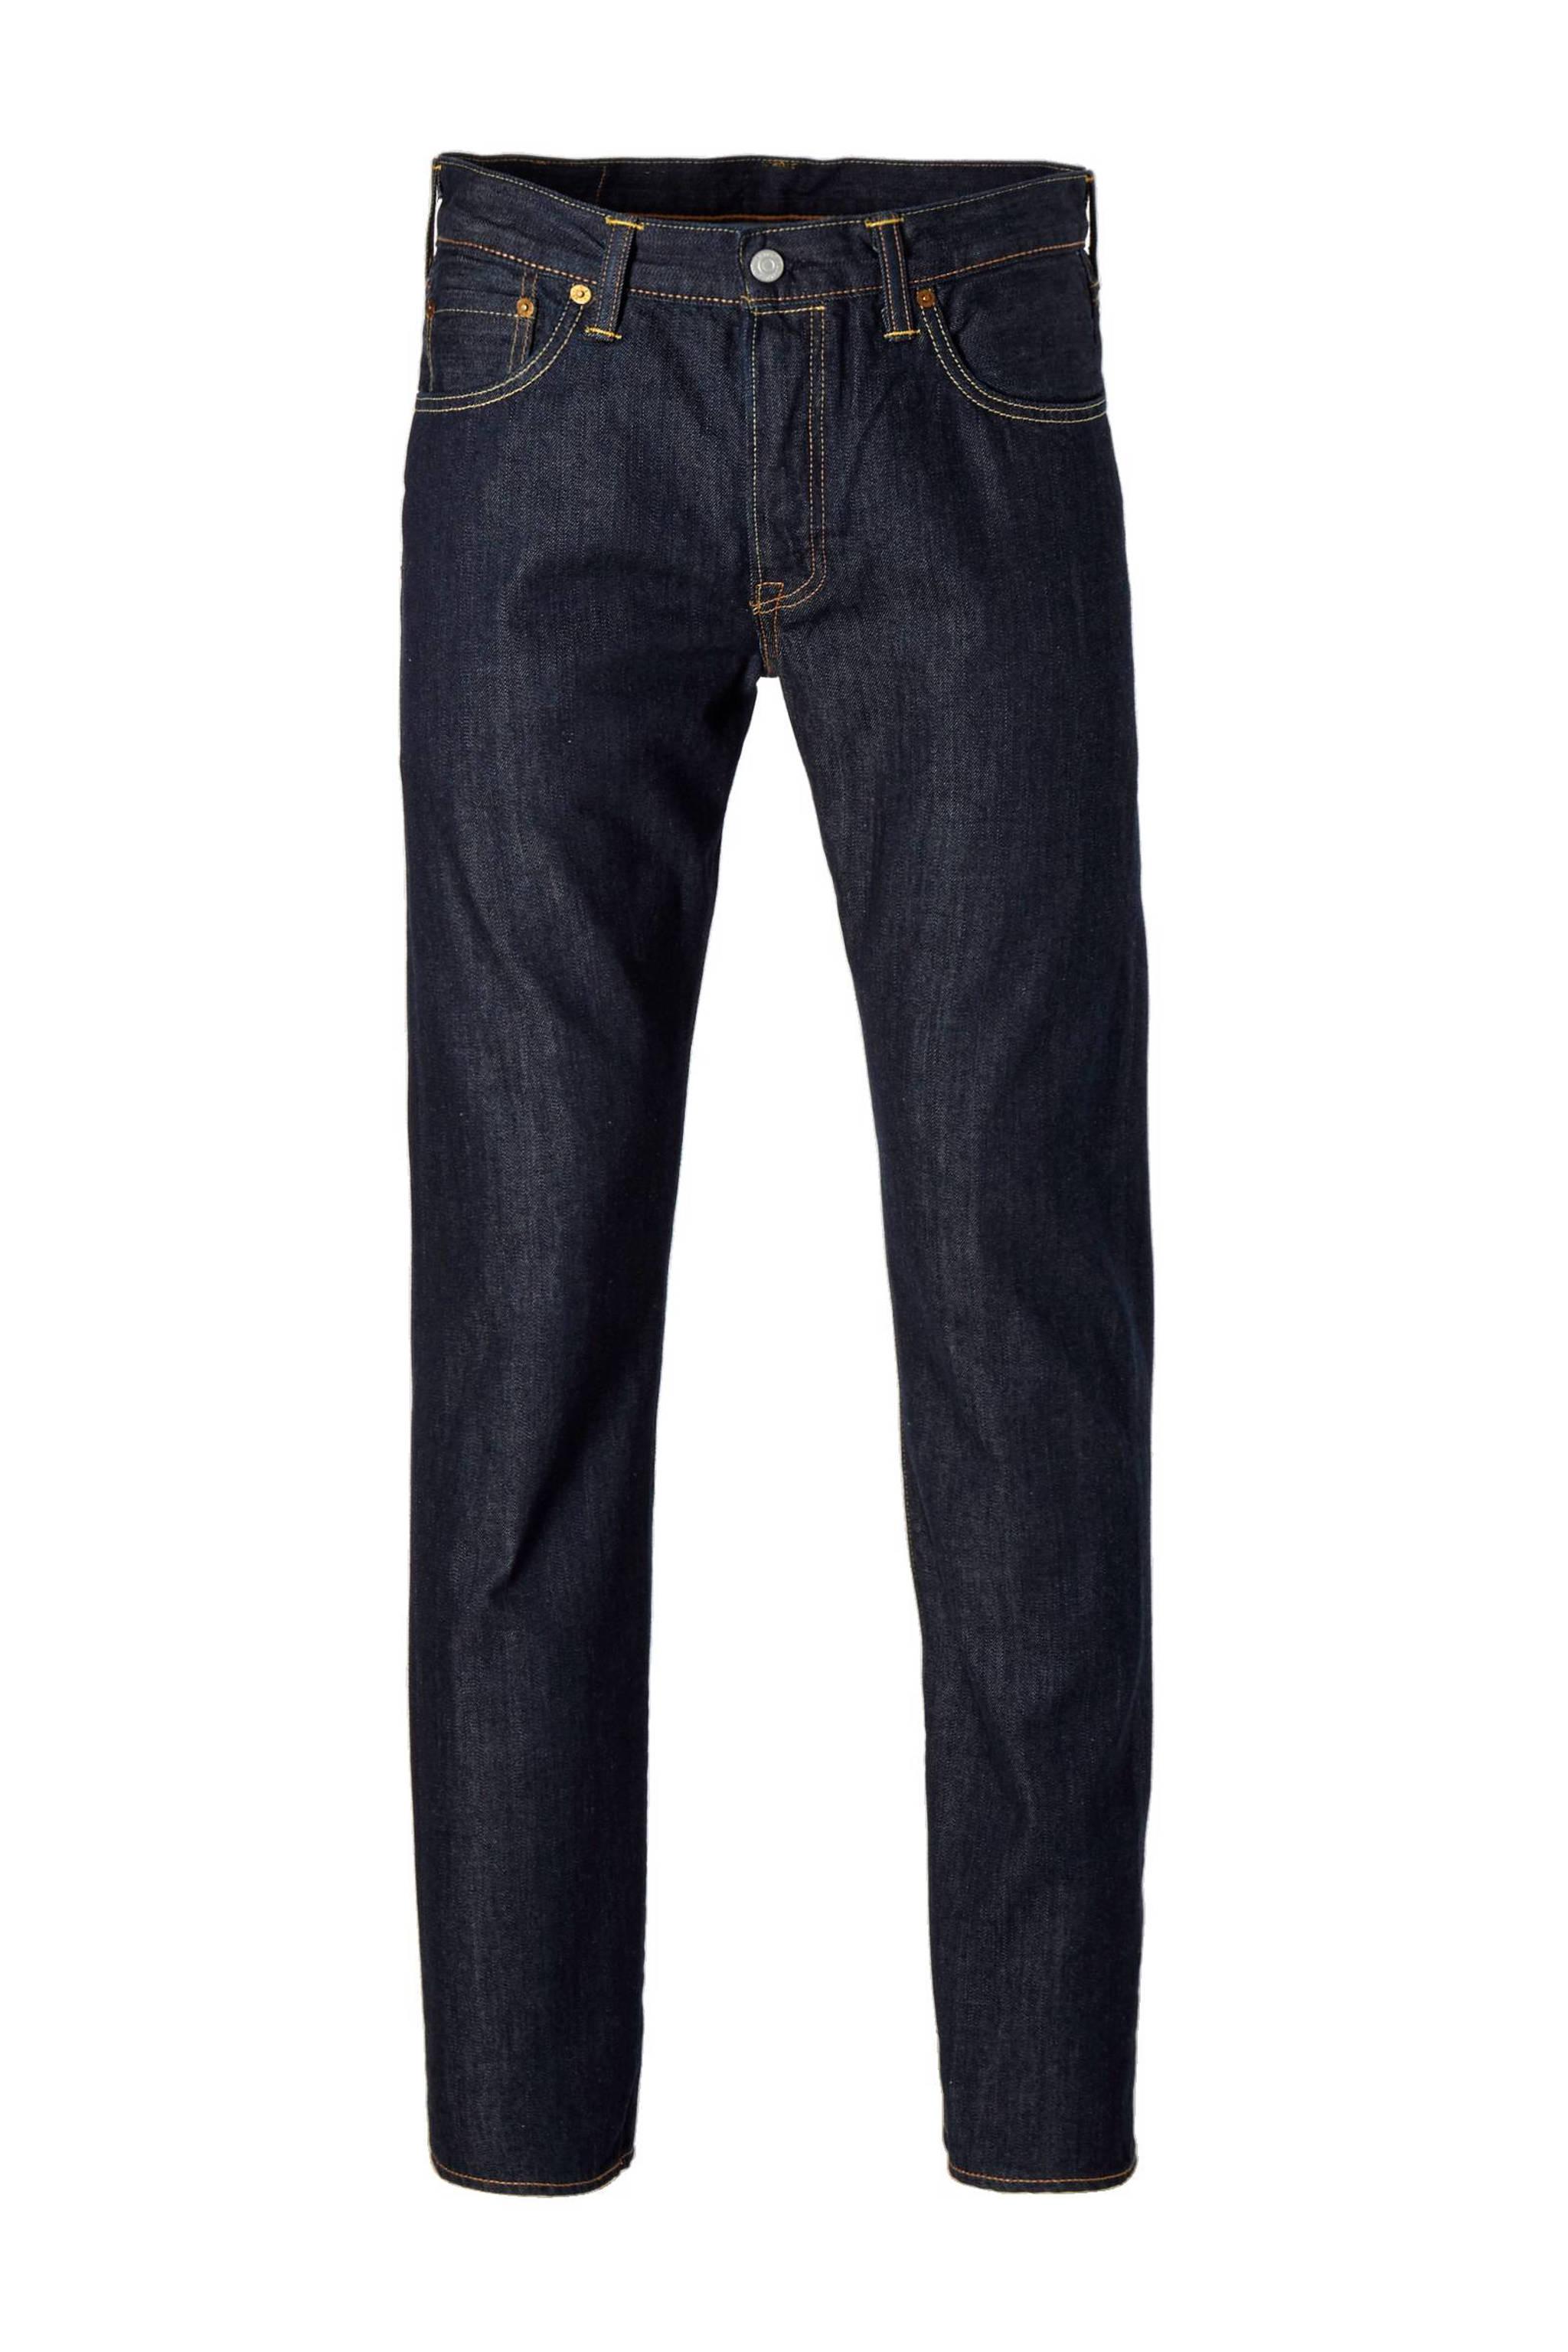 cc0133fa6d6 Levi's regular fit jeans 501 | wehkamp